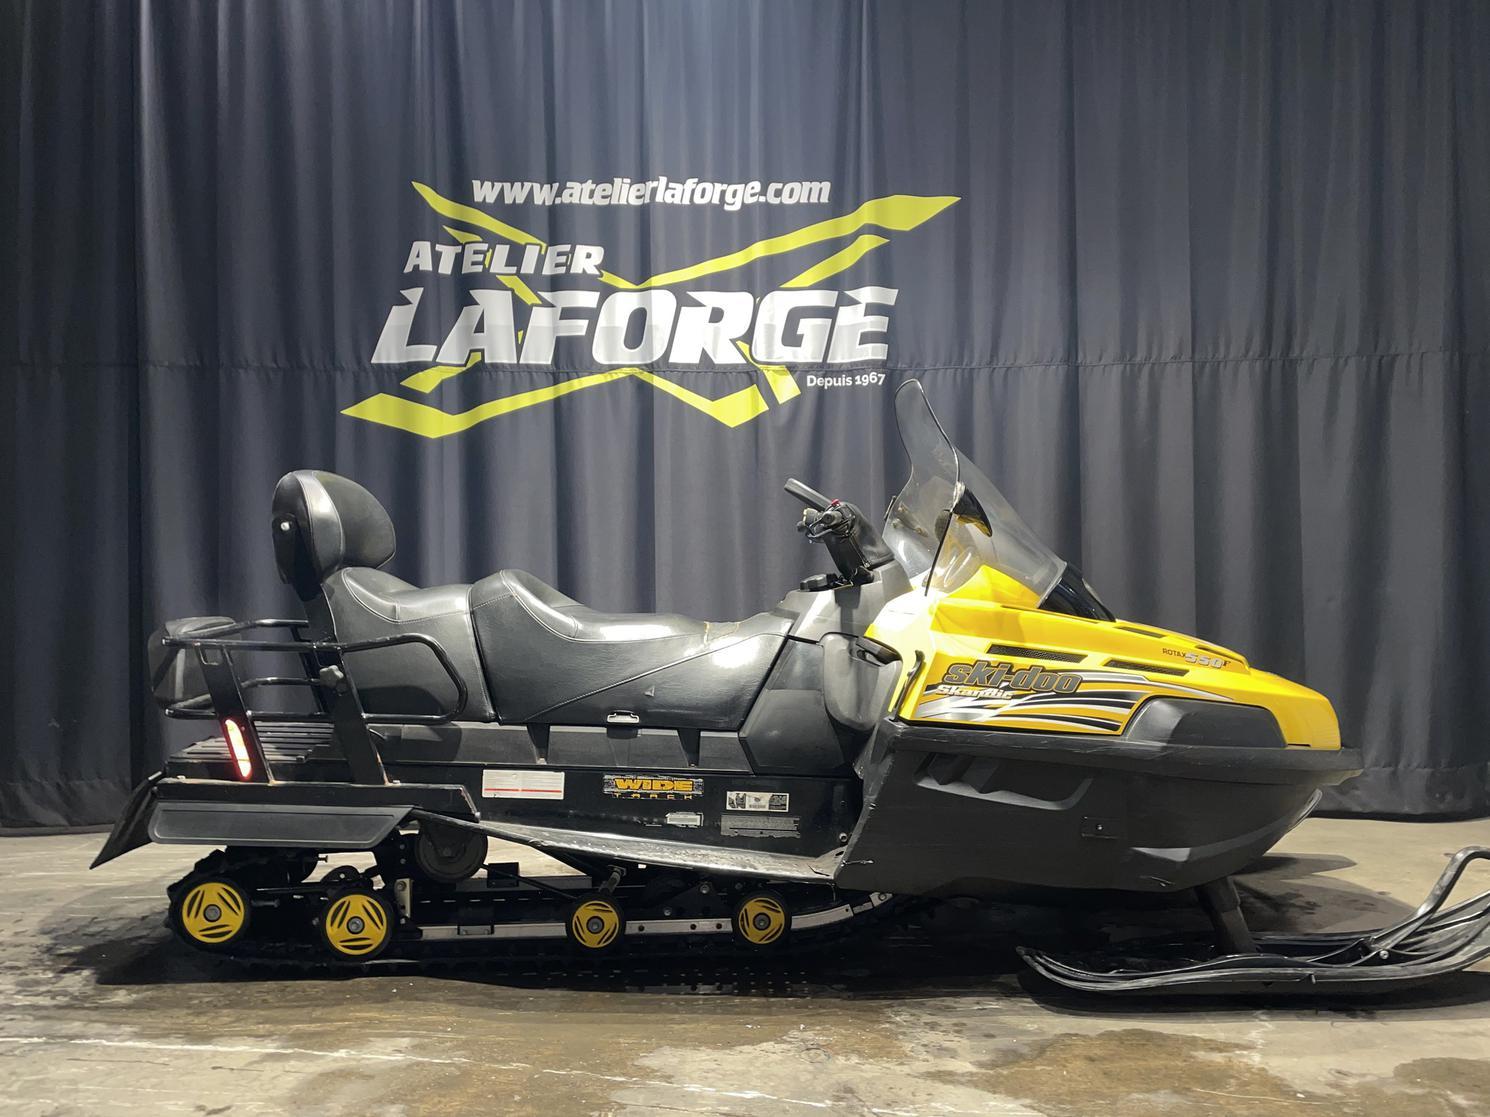 2010 Ski-doo skandic 550f